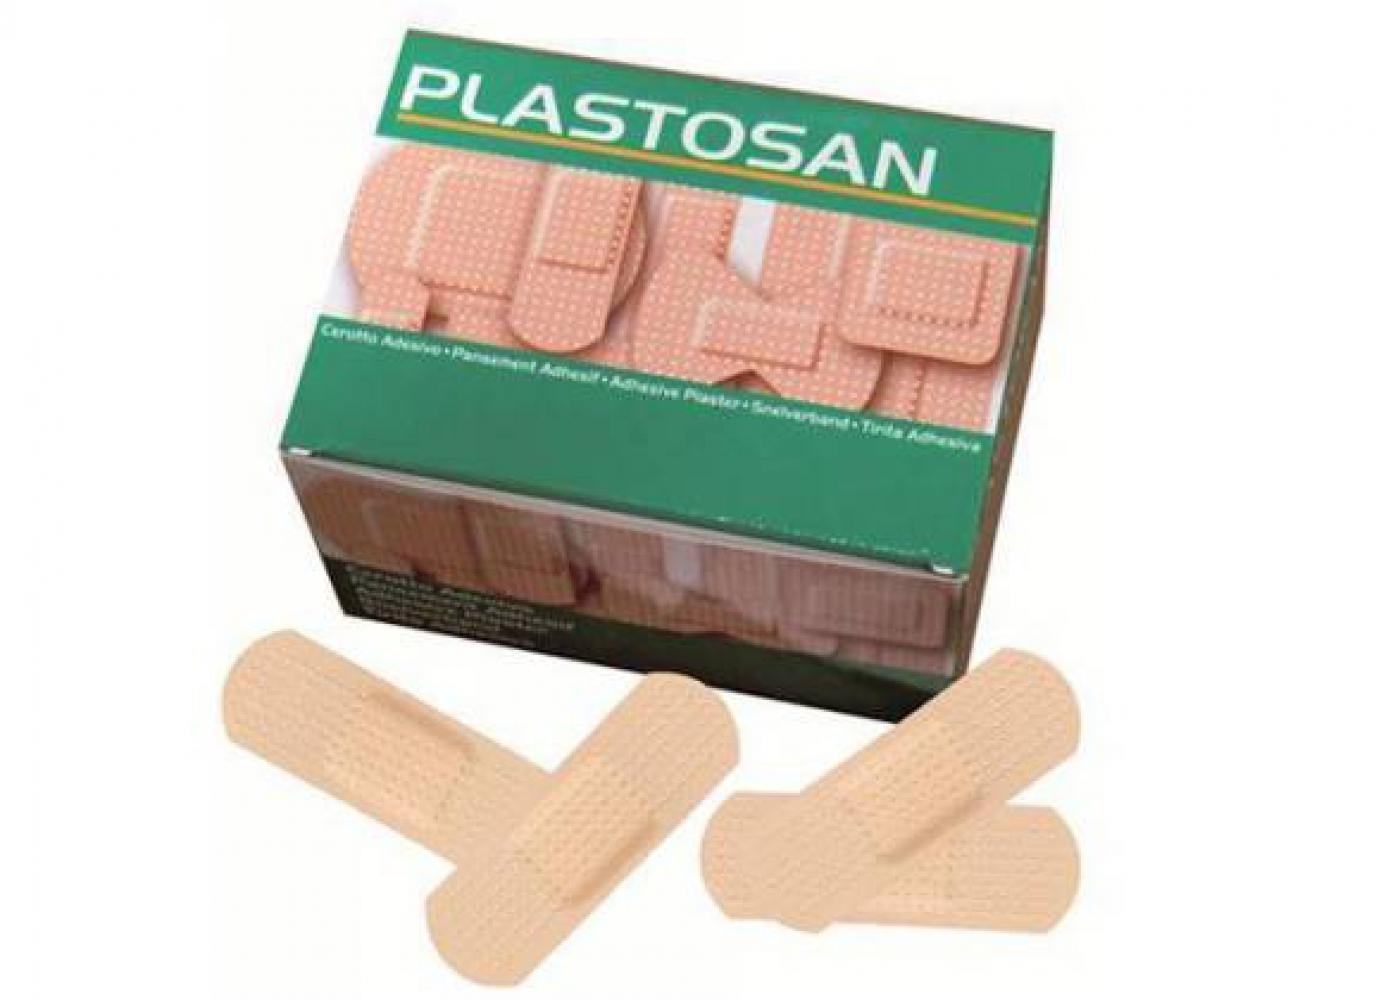 Acquista 100 Pezzi Cerotti Plastosan 17545688 | Glooke.com